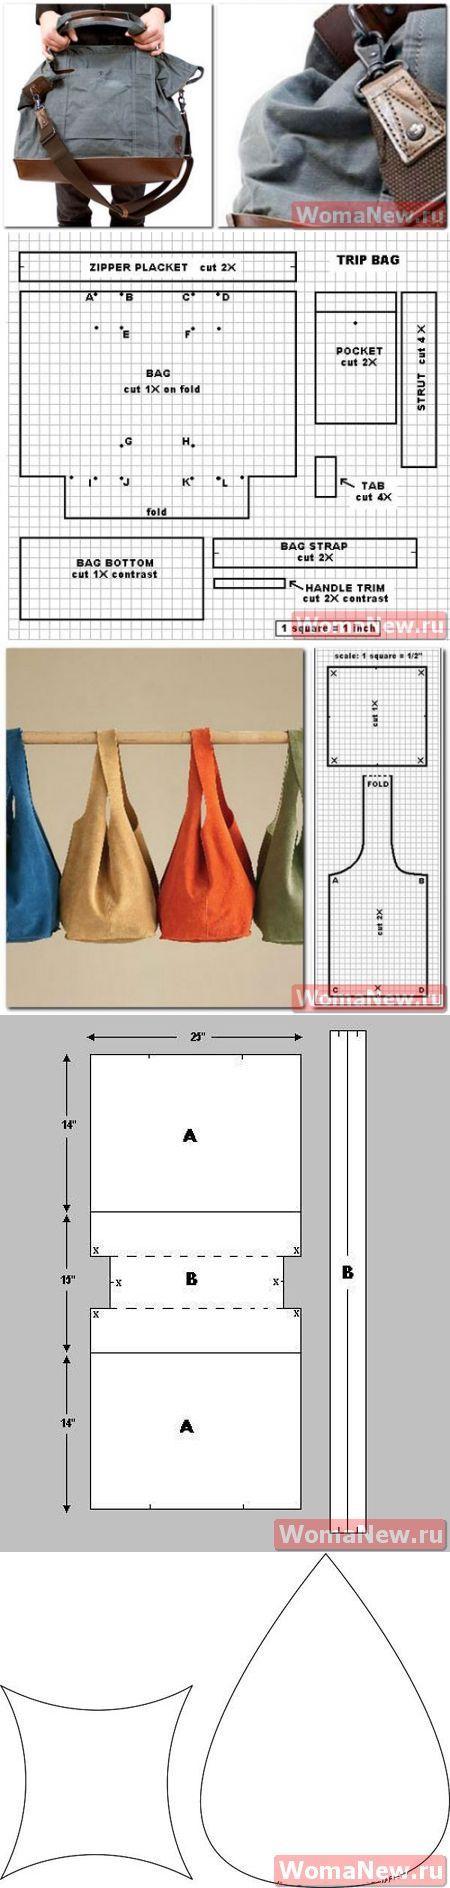 Как сшить джинсовый рюкзак своими руками выкройки